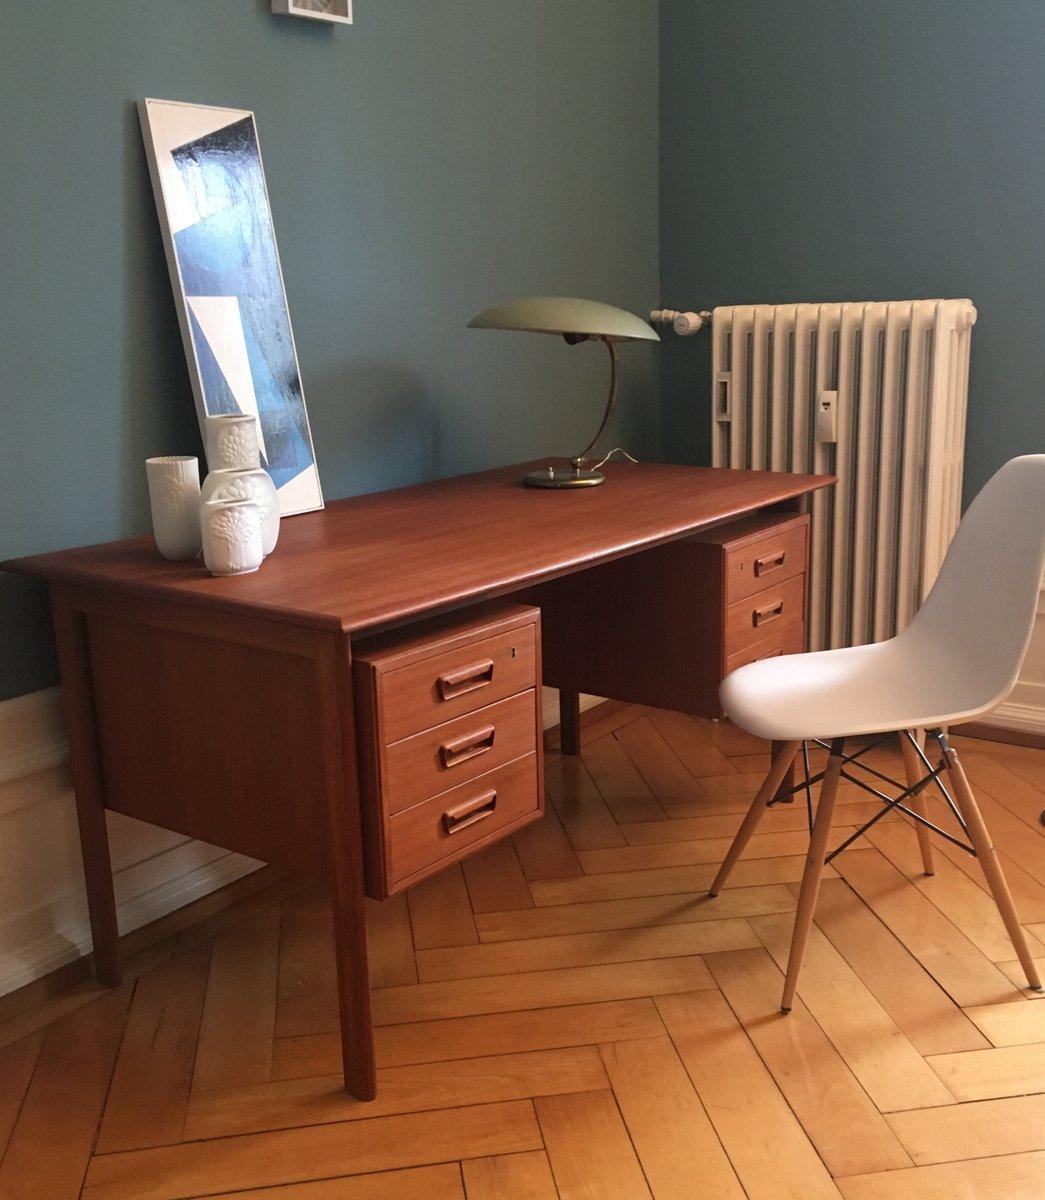 gro er mid century schreibtisch aus teak von gunnar nielsen f r tibergaard 1960er bei pamono kaufen. Black Bedroom Furniture Sets. Home Design Ideas